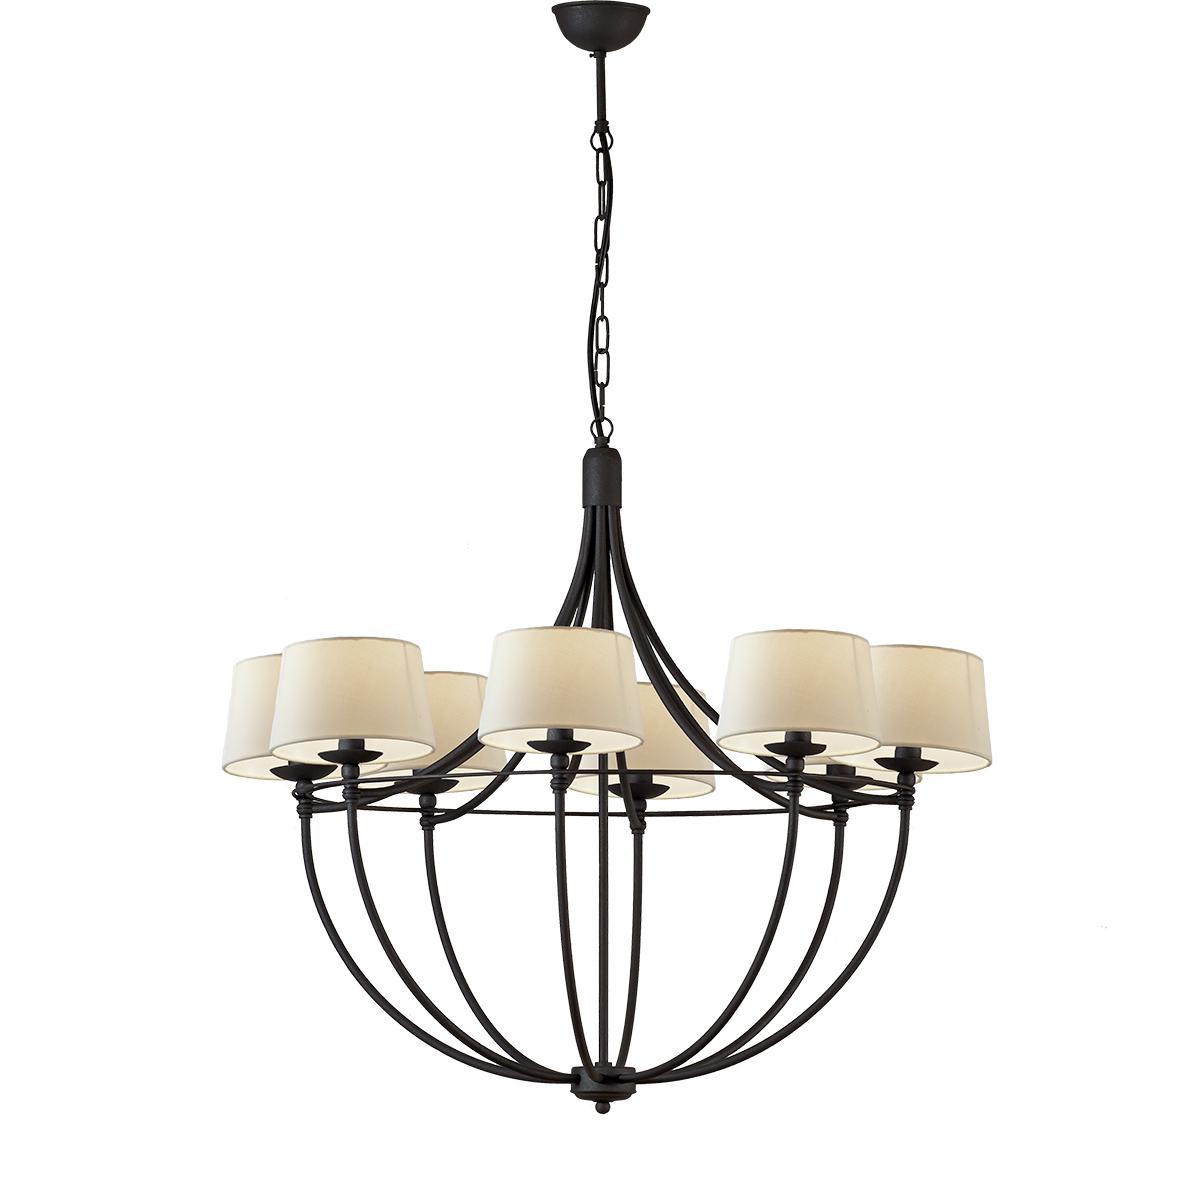 8φωτο φωτιστικό με καπέλα σε πατίνα γραφίτη VILLAGE graphite patinated 8-bulb chandelier with shades